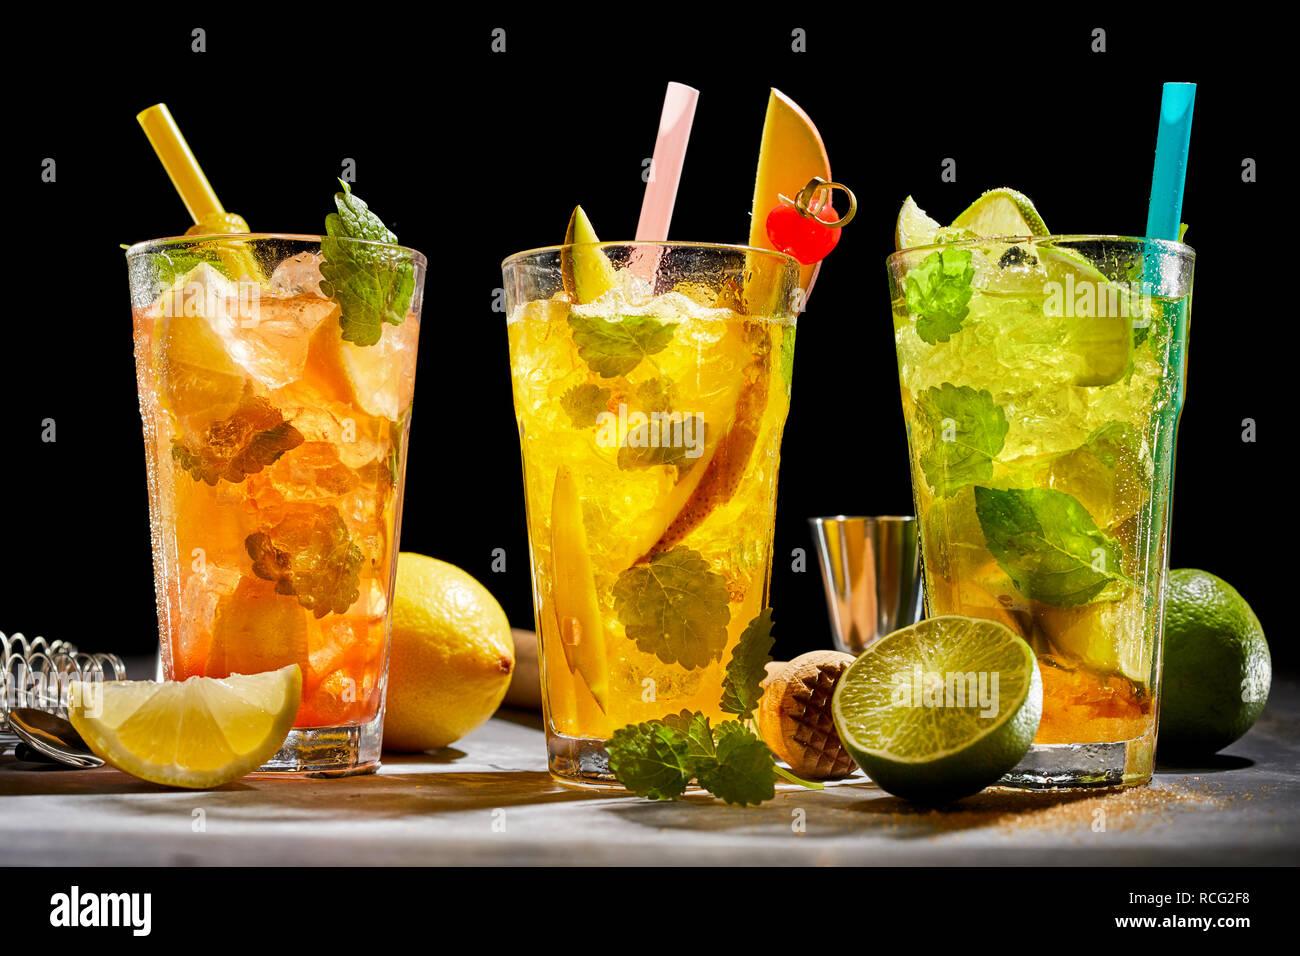 Verschiedene frische Früchte Cocktails gemischt mit Alkohol